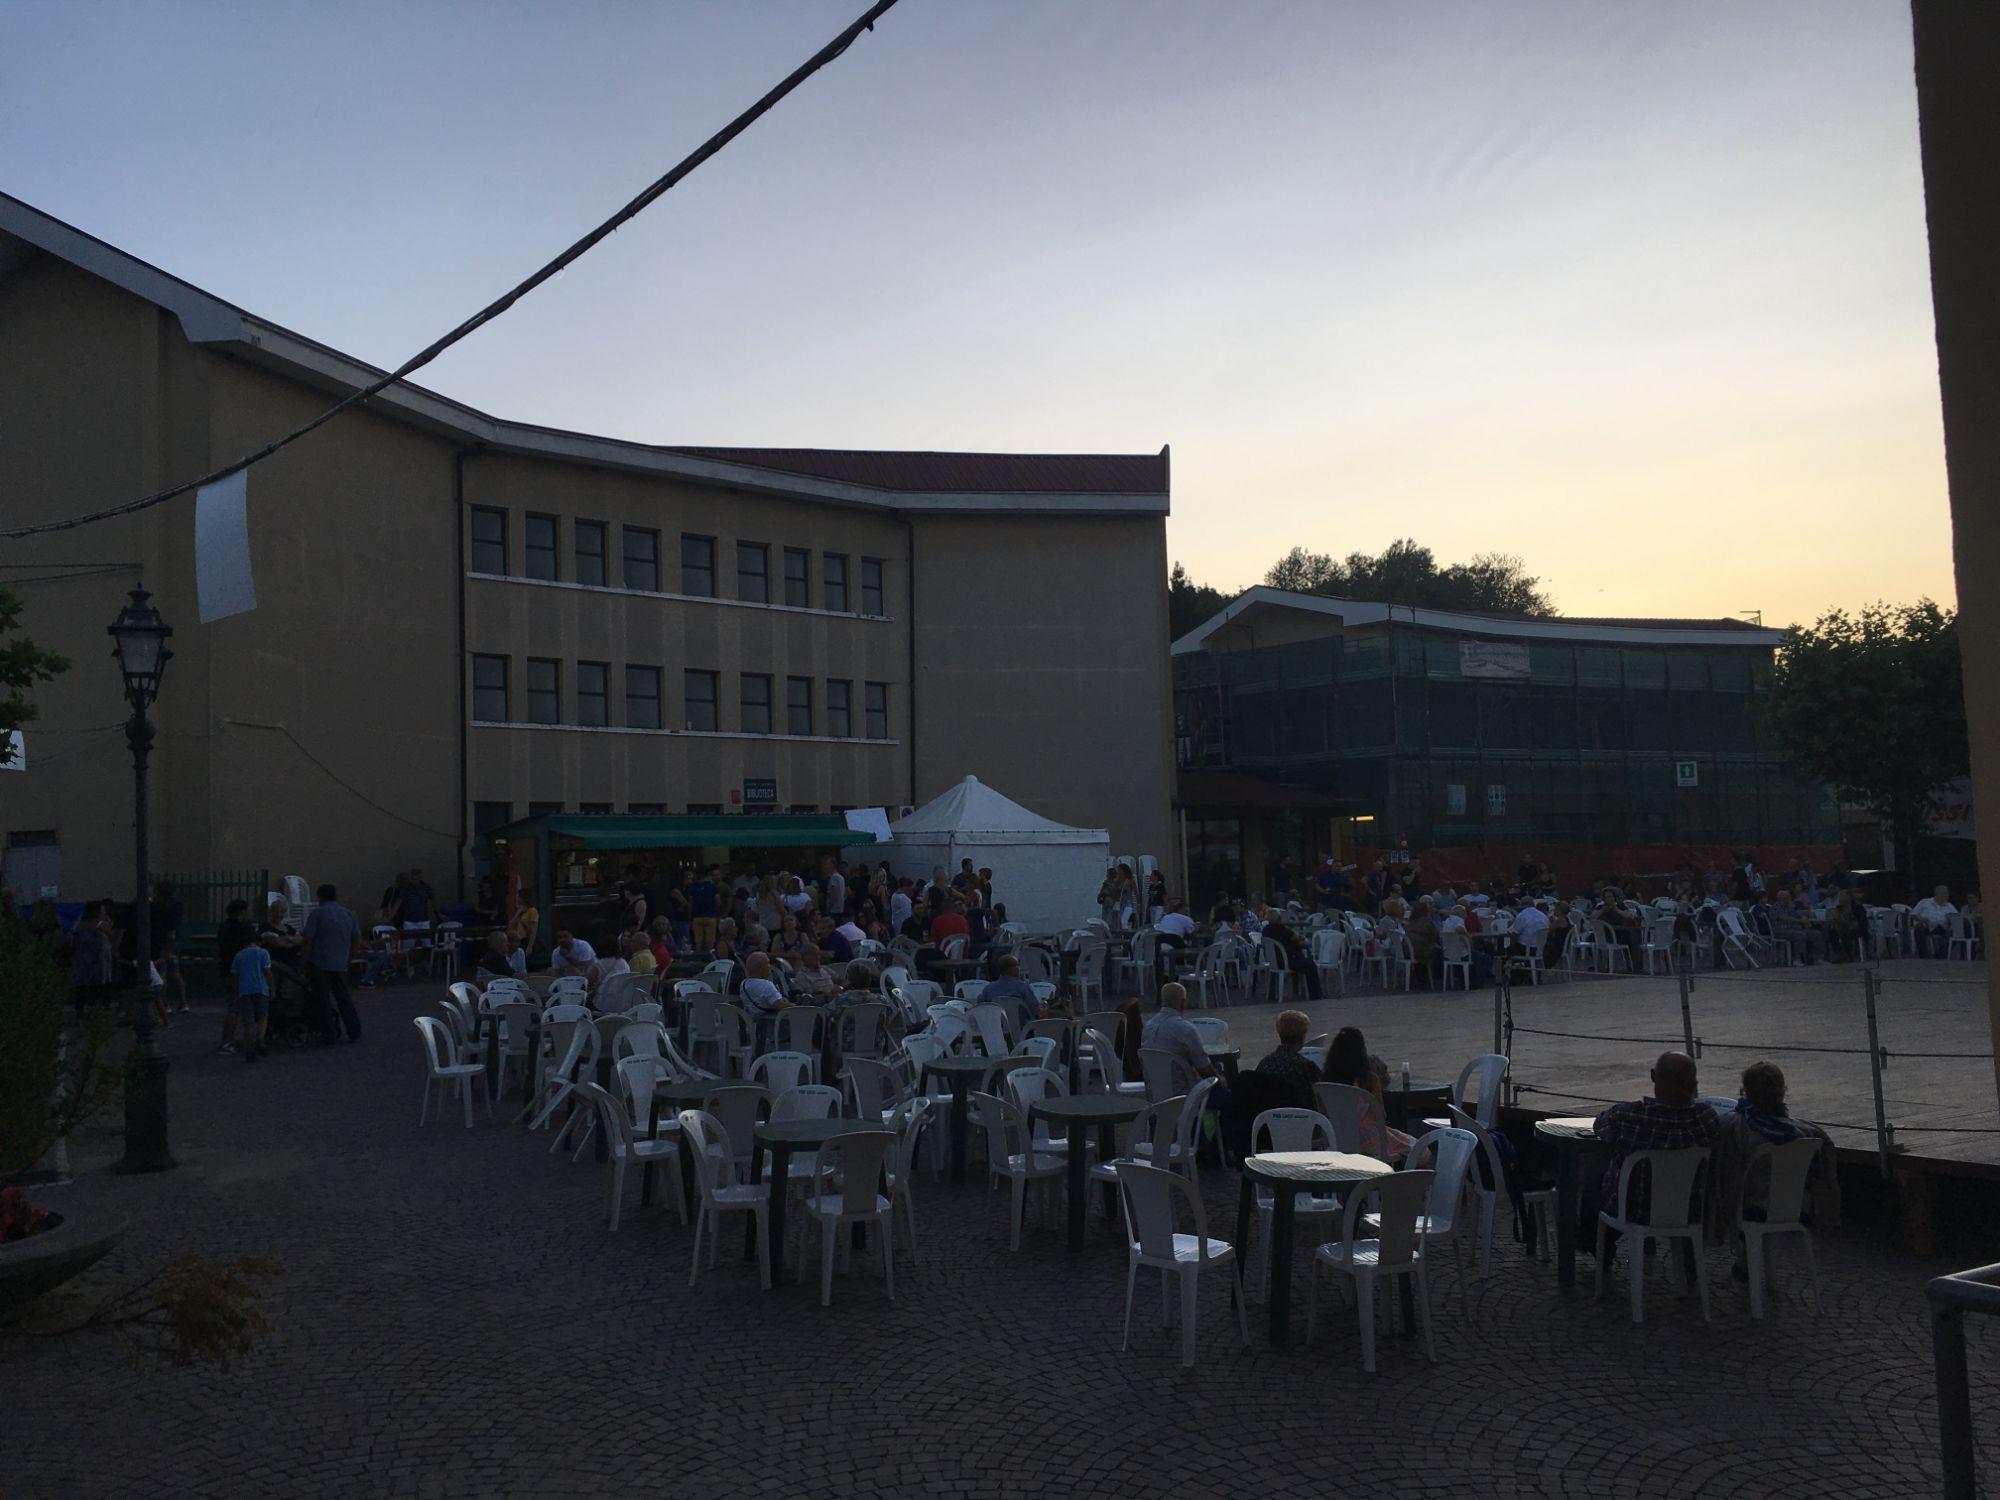 Agosto 2019 - Festa patronale di Cavagnolo (To)